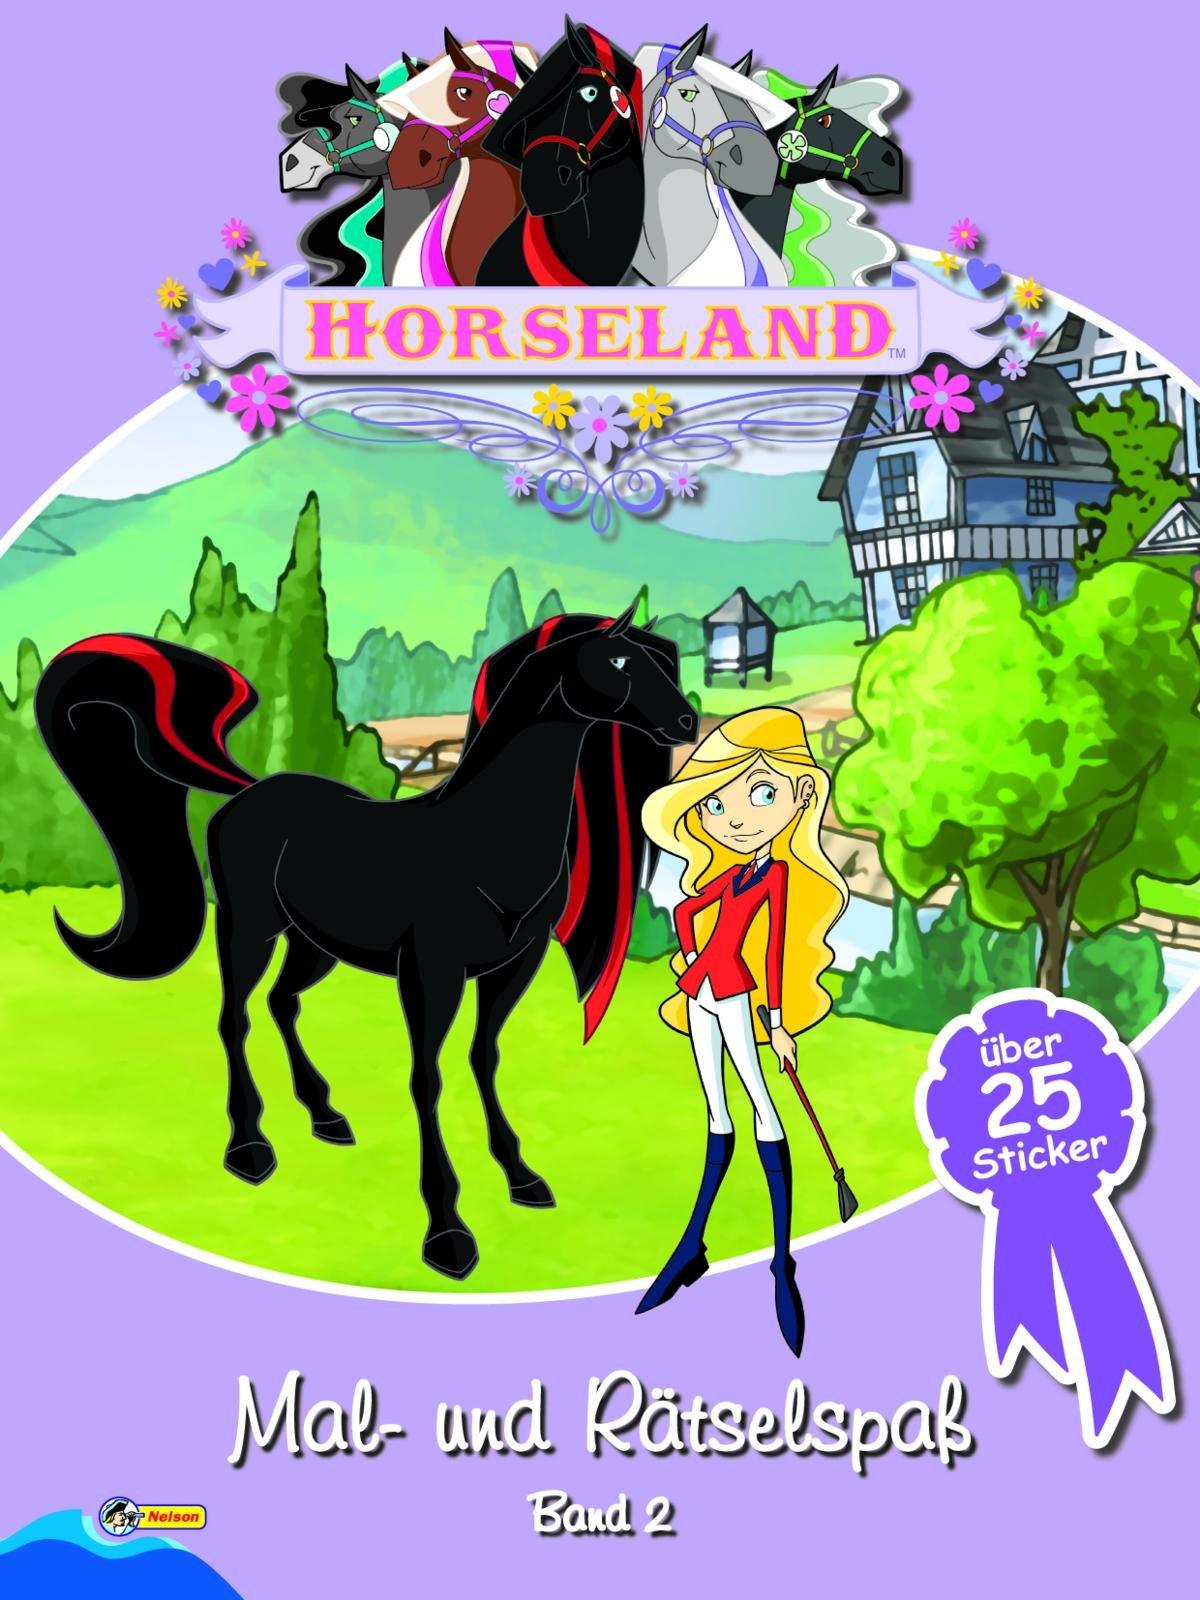 Horseland Mal-und Rätselspaß Band 2: Mit über 25 Stickern